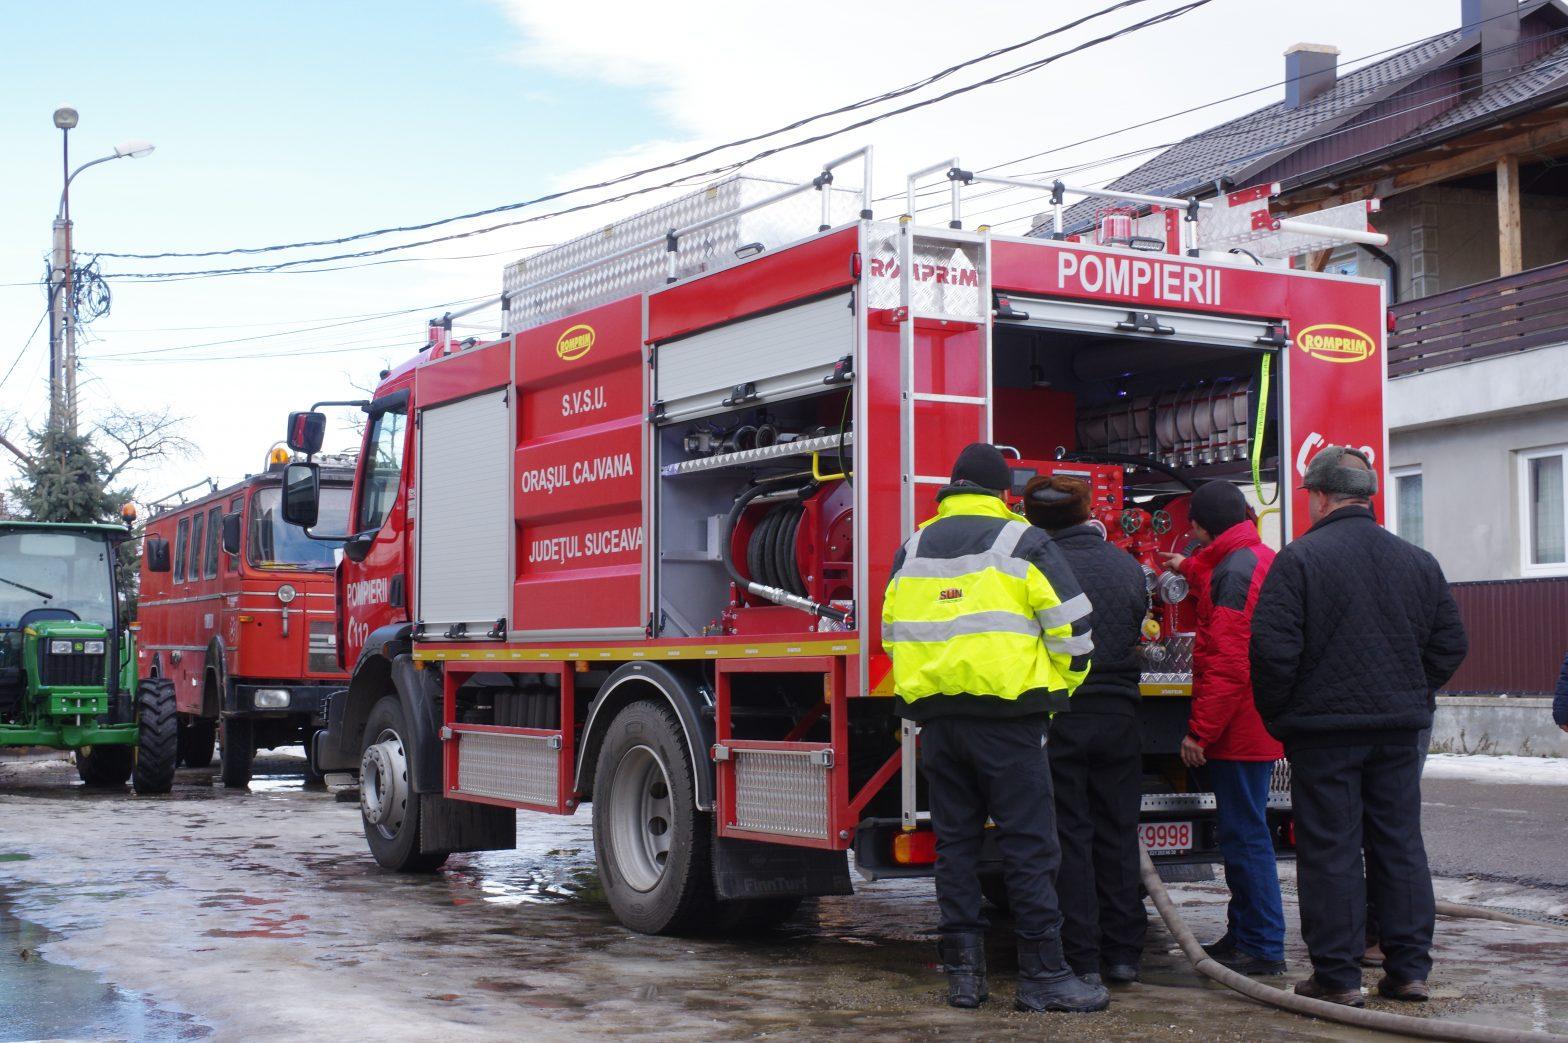 Pe data de 18.01.2019 a fost livrată autospeciala de stins incendii, beneficiar fiind Serviciul Voluntar pentru Situaţii de Urgenţă al oraşului CAJVANA din judeţul SUCEAVA.